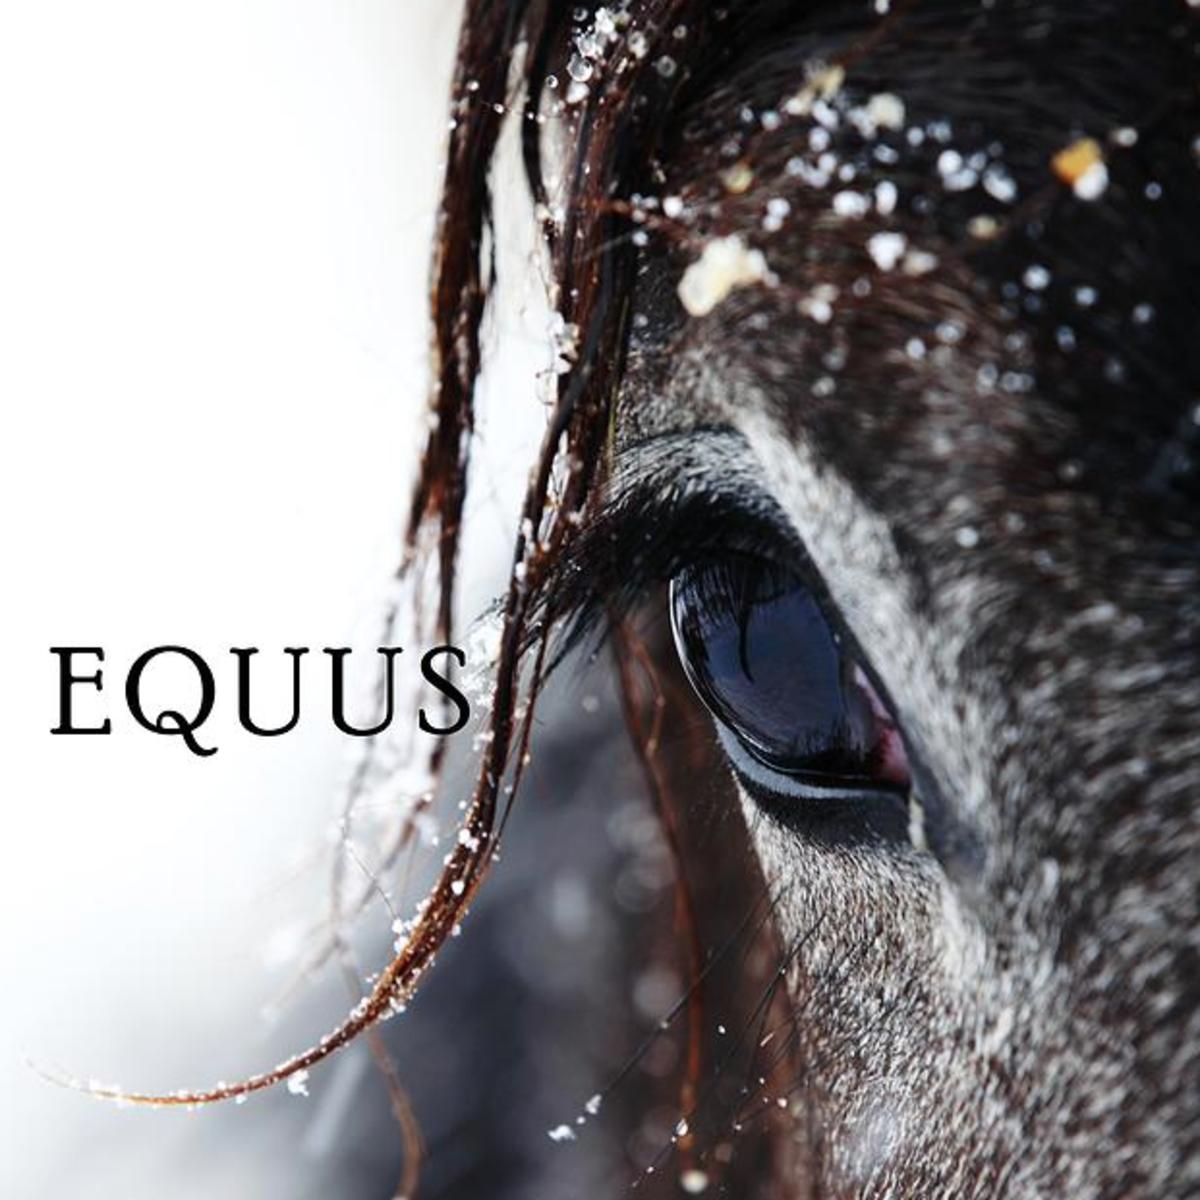 Matthew C. Logan presents Equus